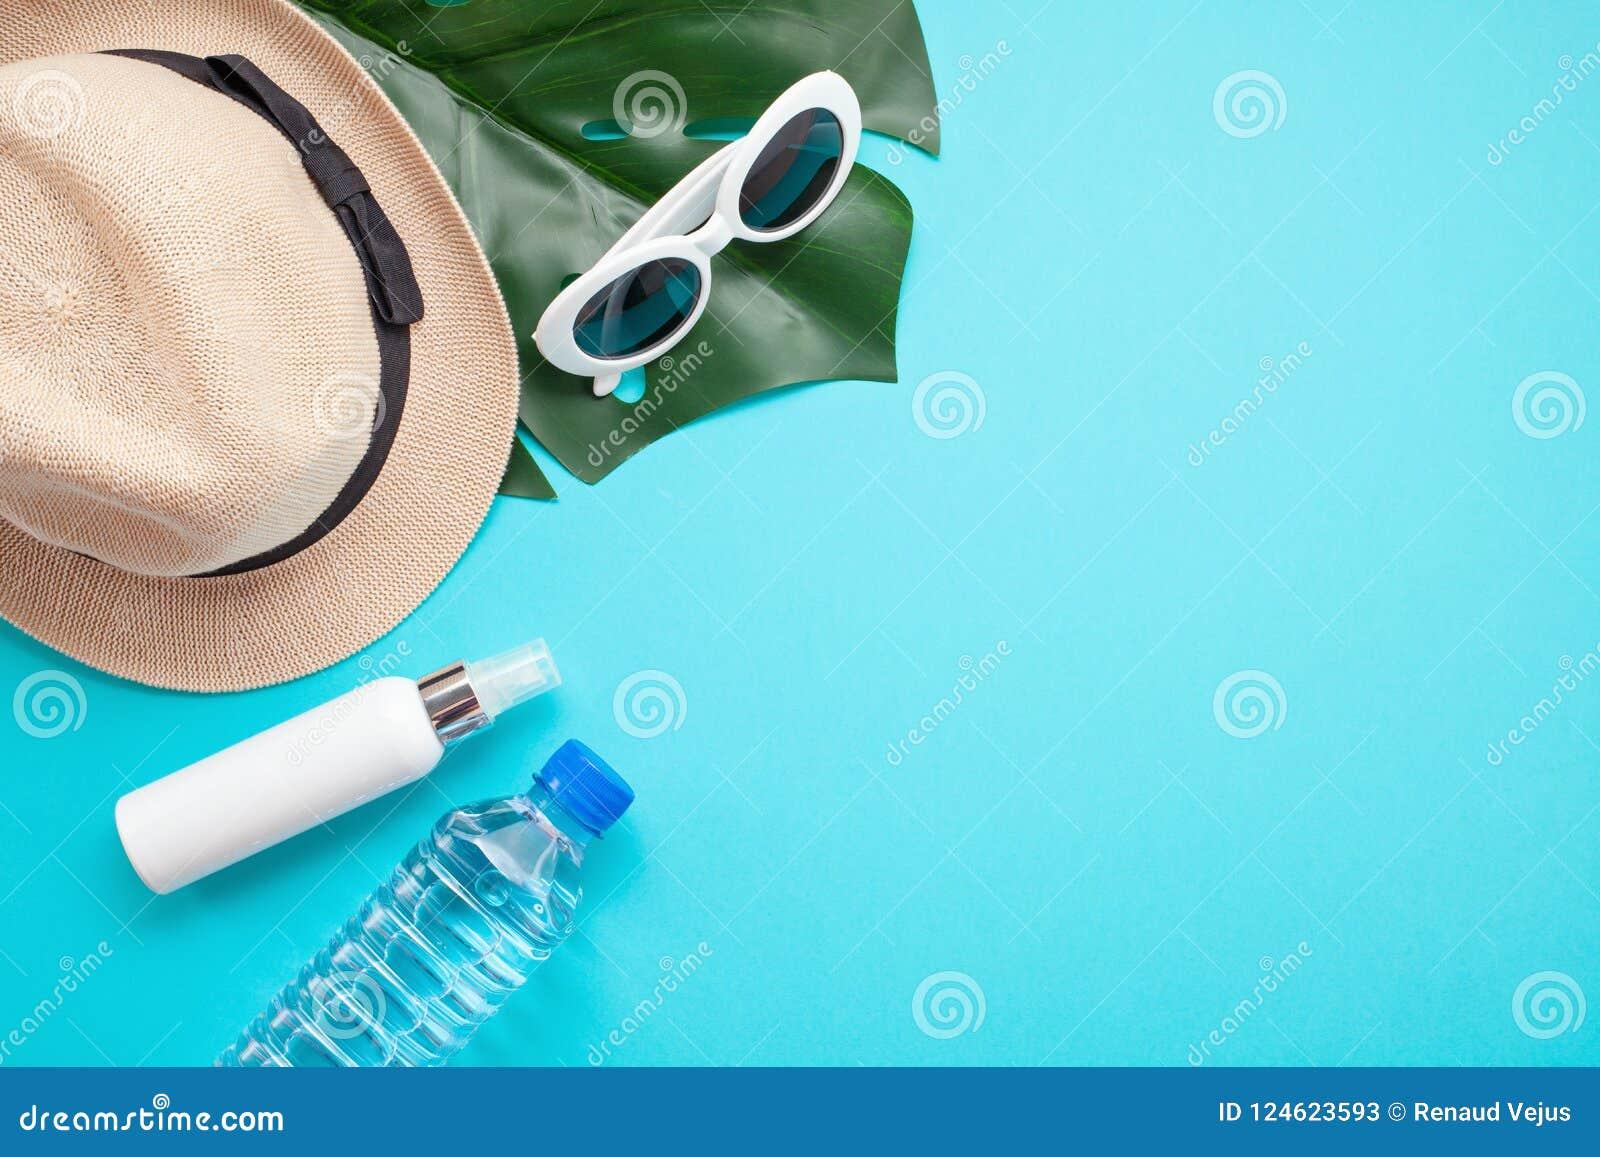 夏天热的根本辅助部件:太阳镜,帽子,遮光剂,瓶水 平的位置,顶视图